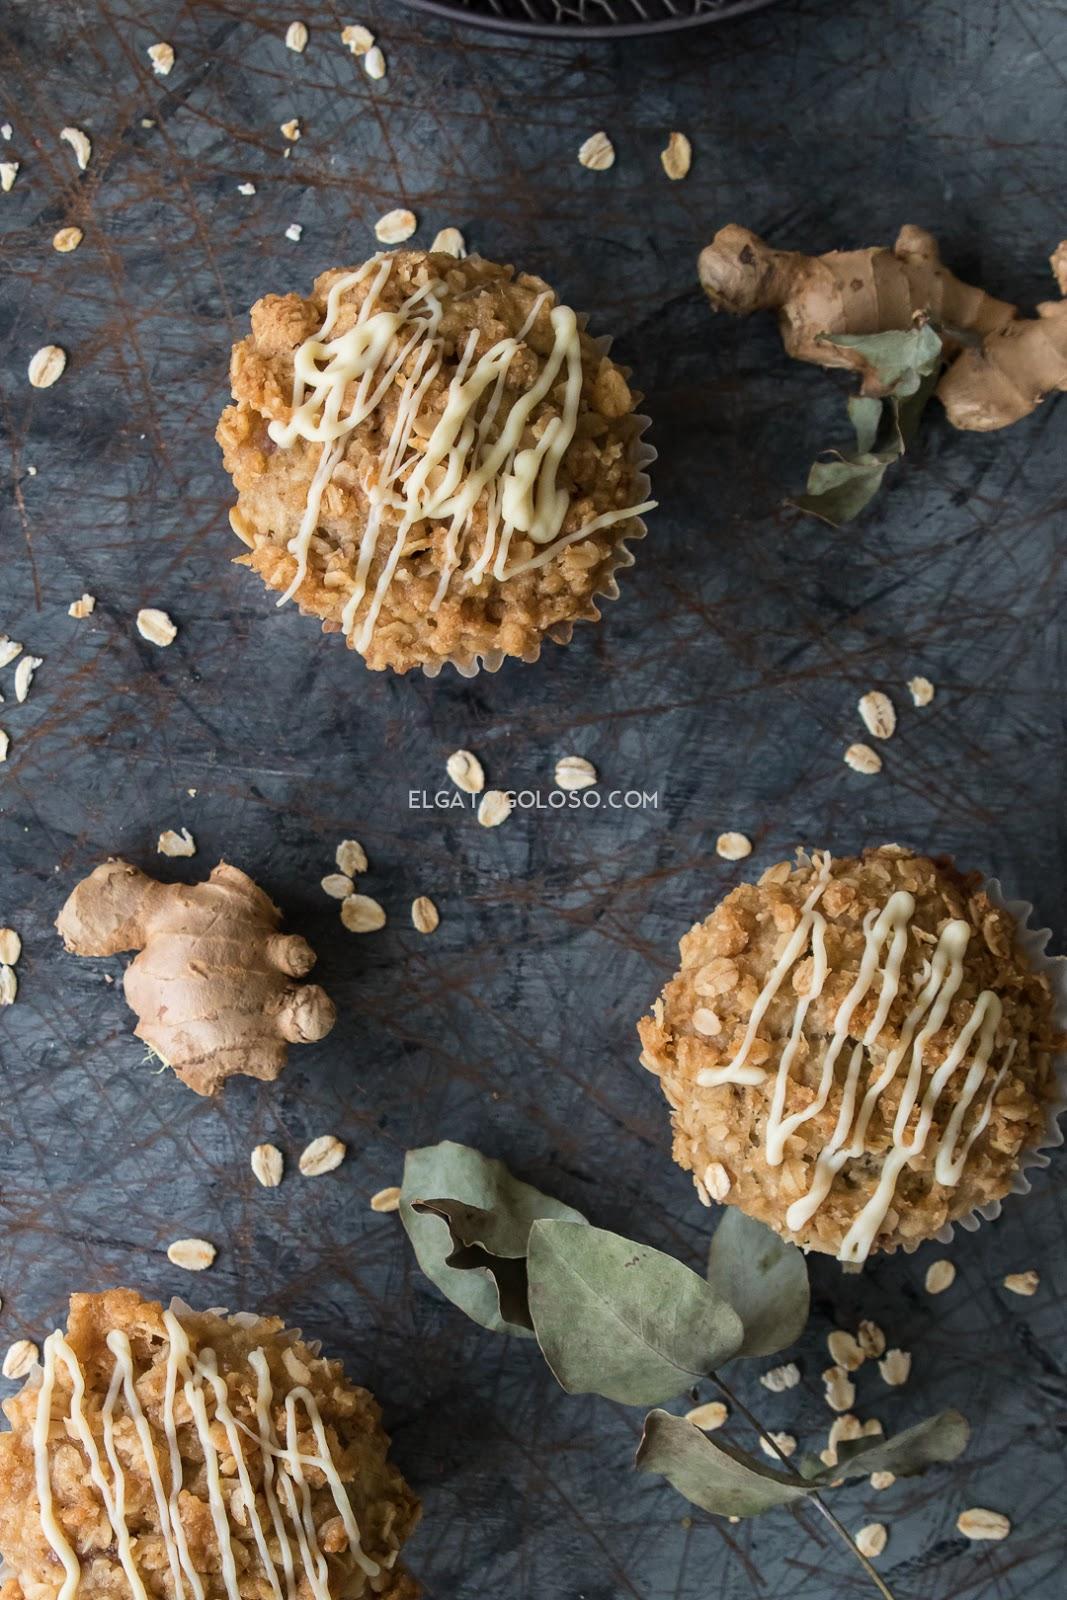 Aprende cómo hacer los mejores muffins de banana y avena, super fáciles y enriquecidos con cualquier cosa que se te ocurra. Son decididamente divinos. Receta vía elgatogoloso.com